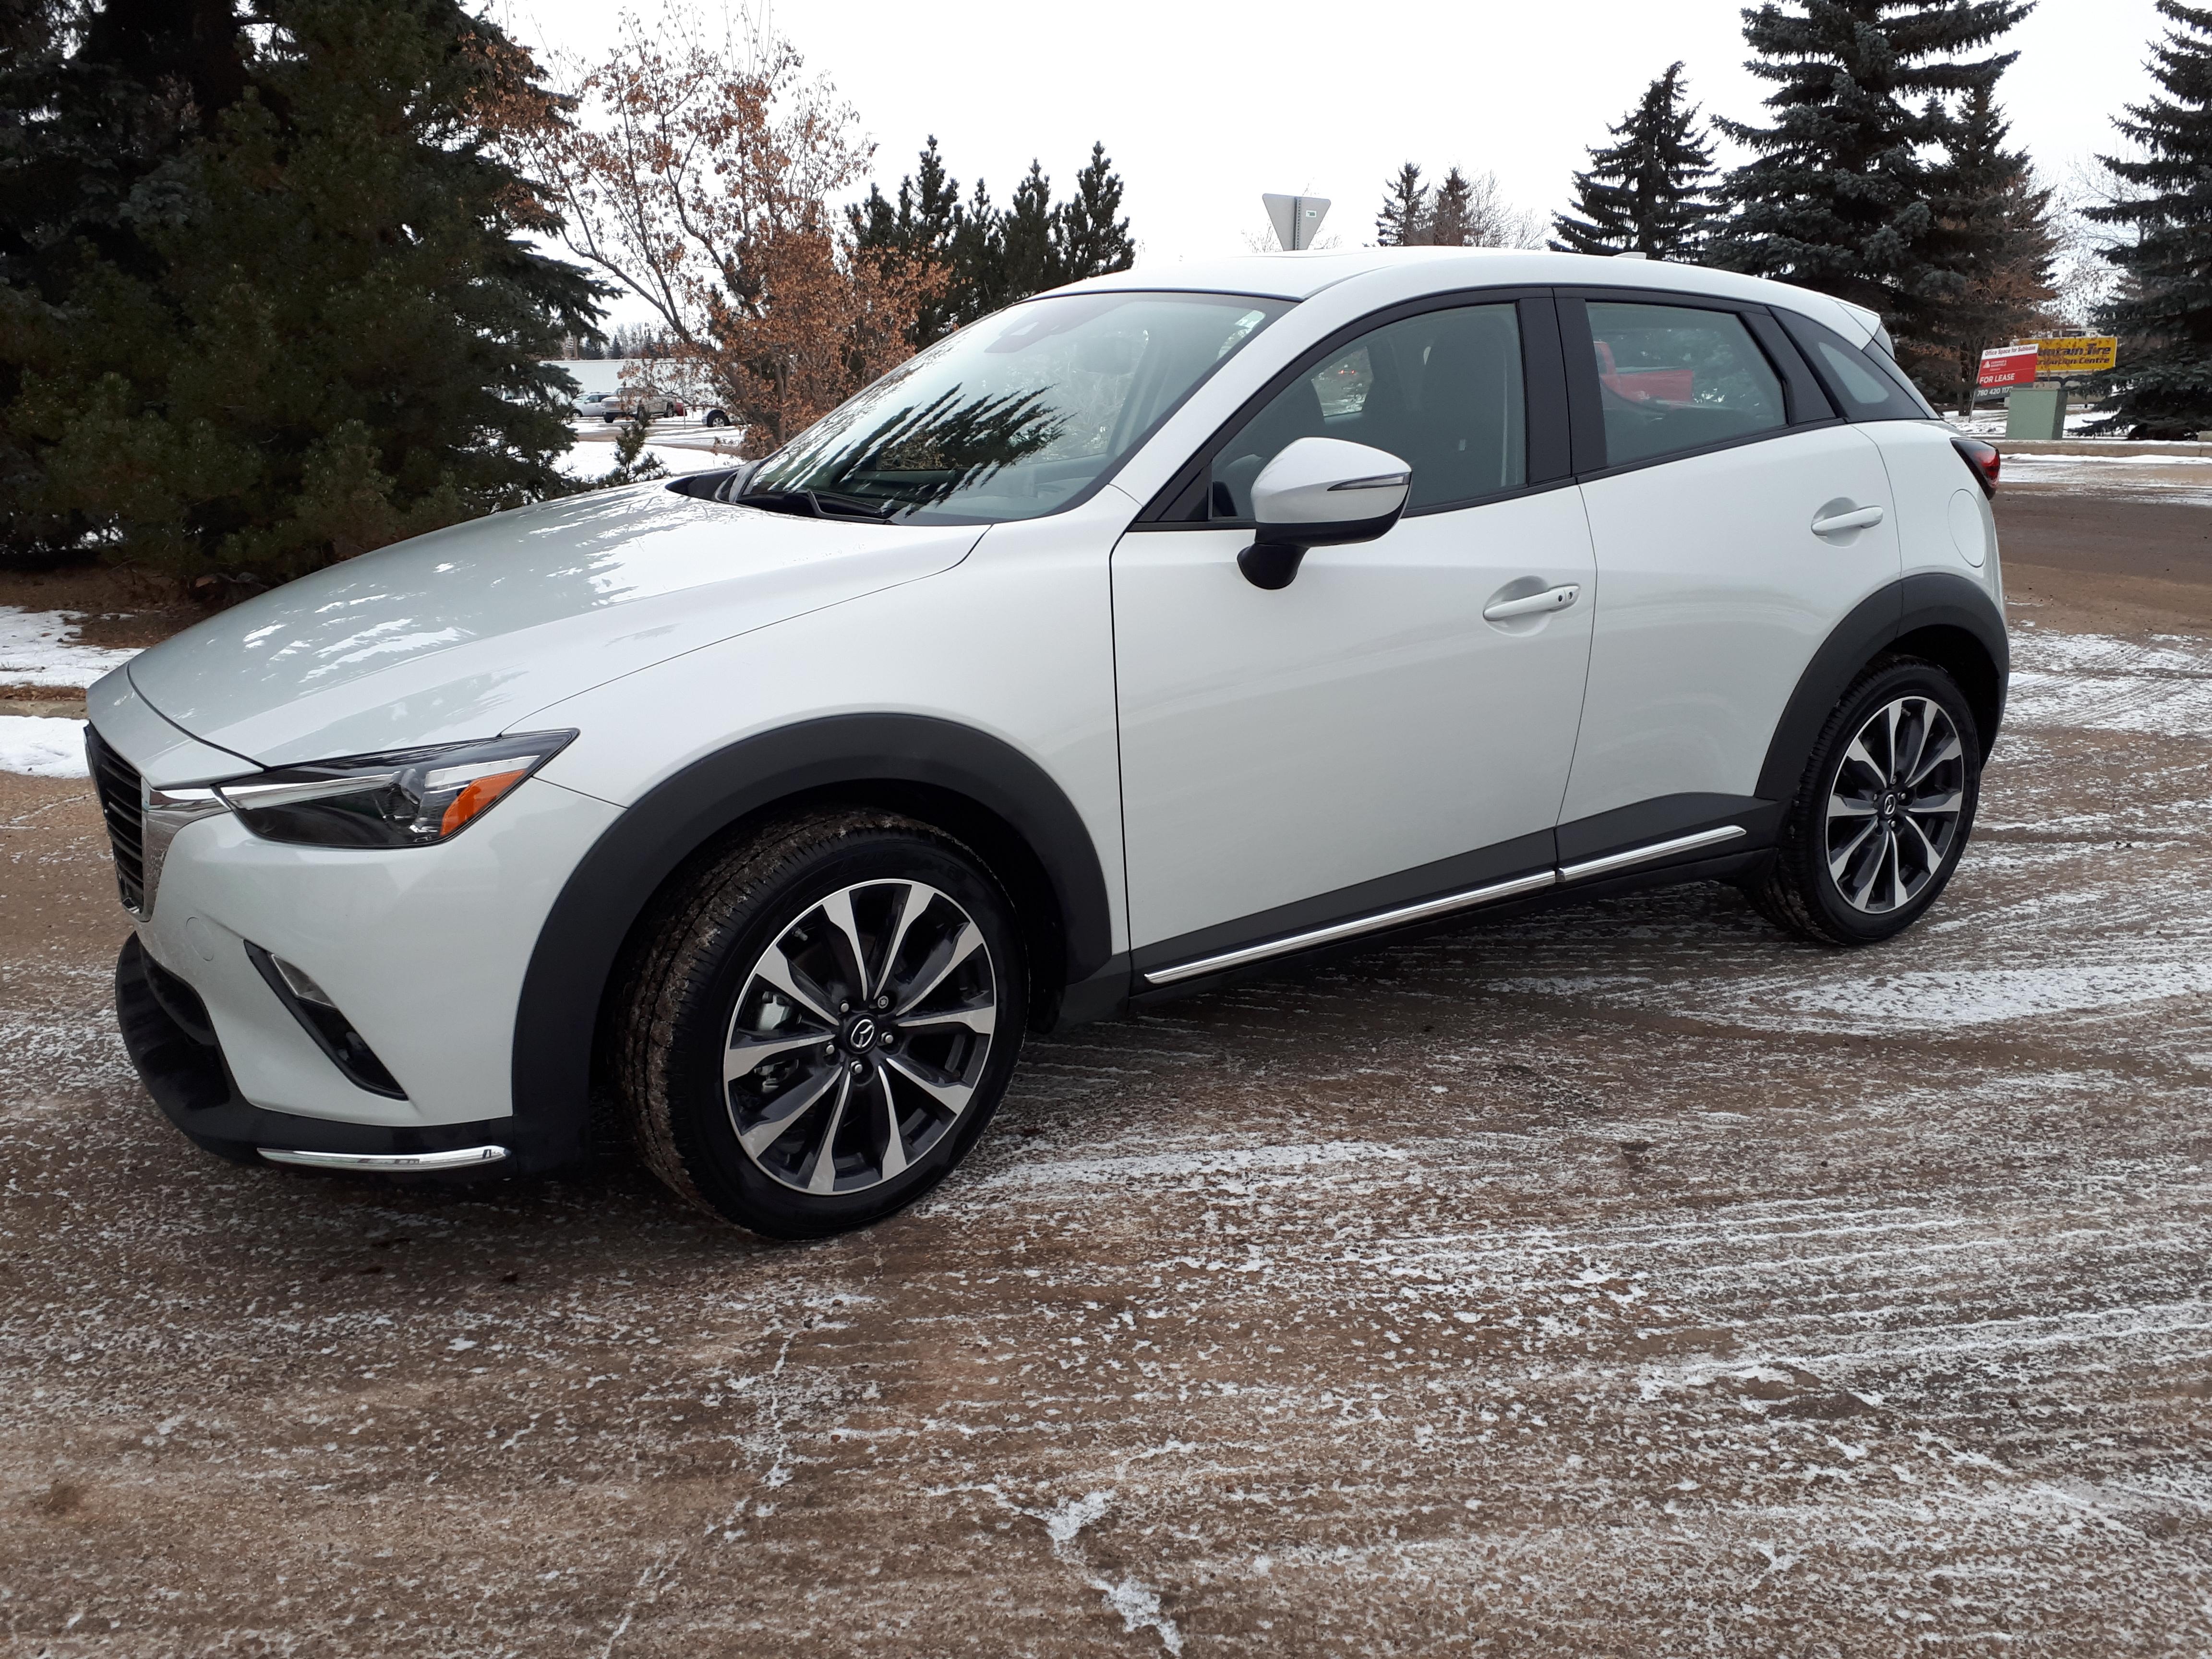 Mazda Cx 3 Lease >> Mazda Cx 3 Lease Top Car Release 2020